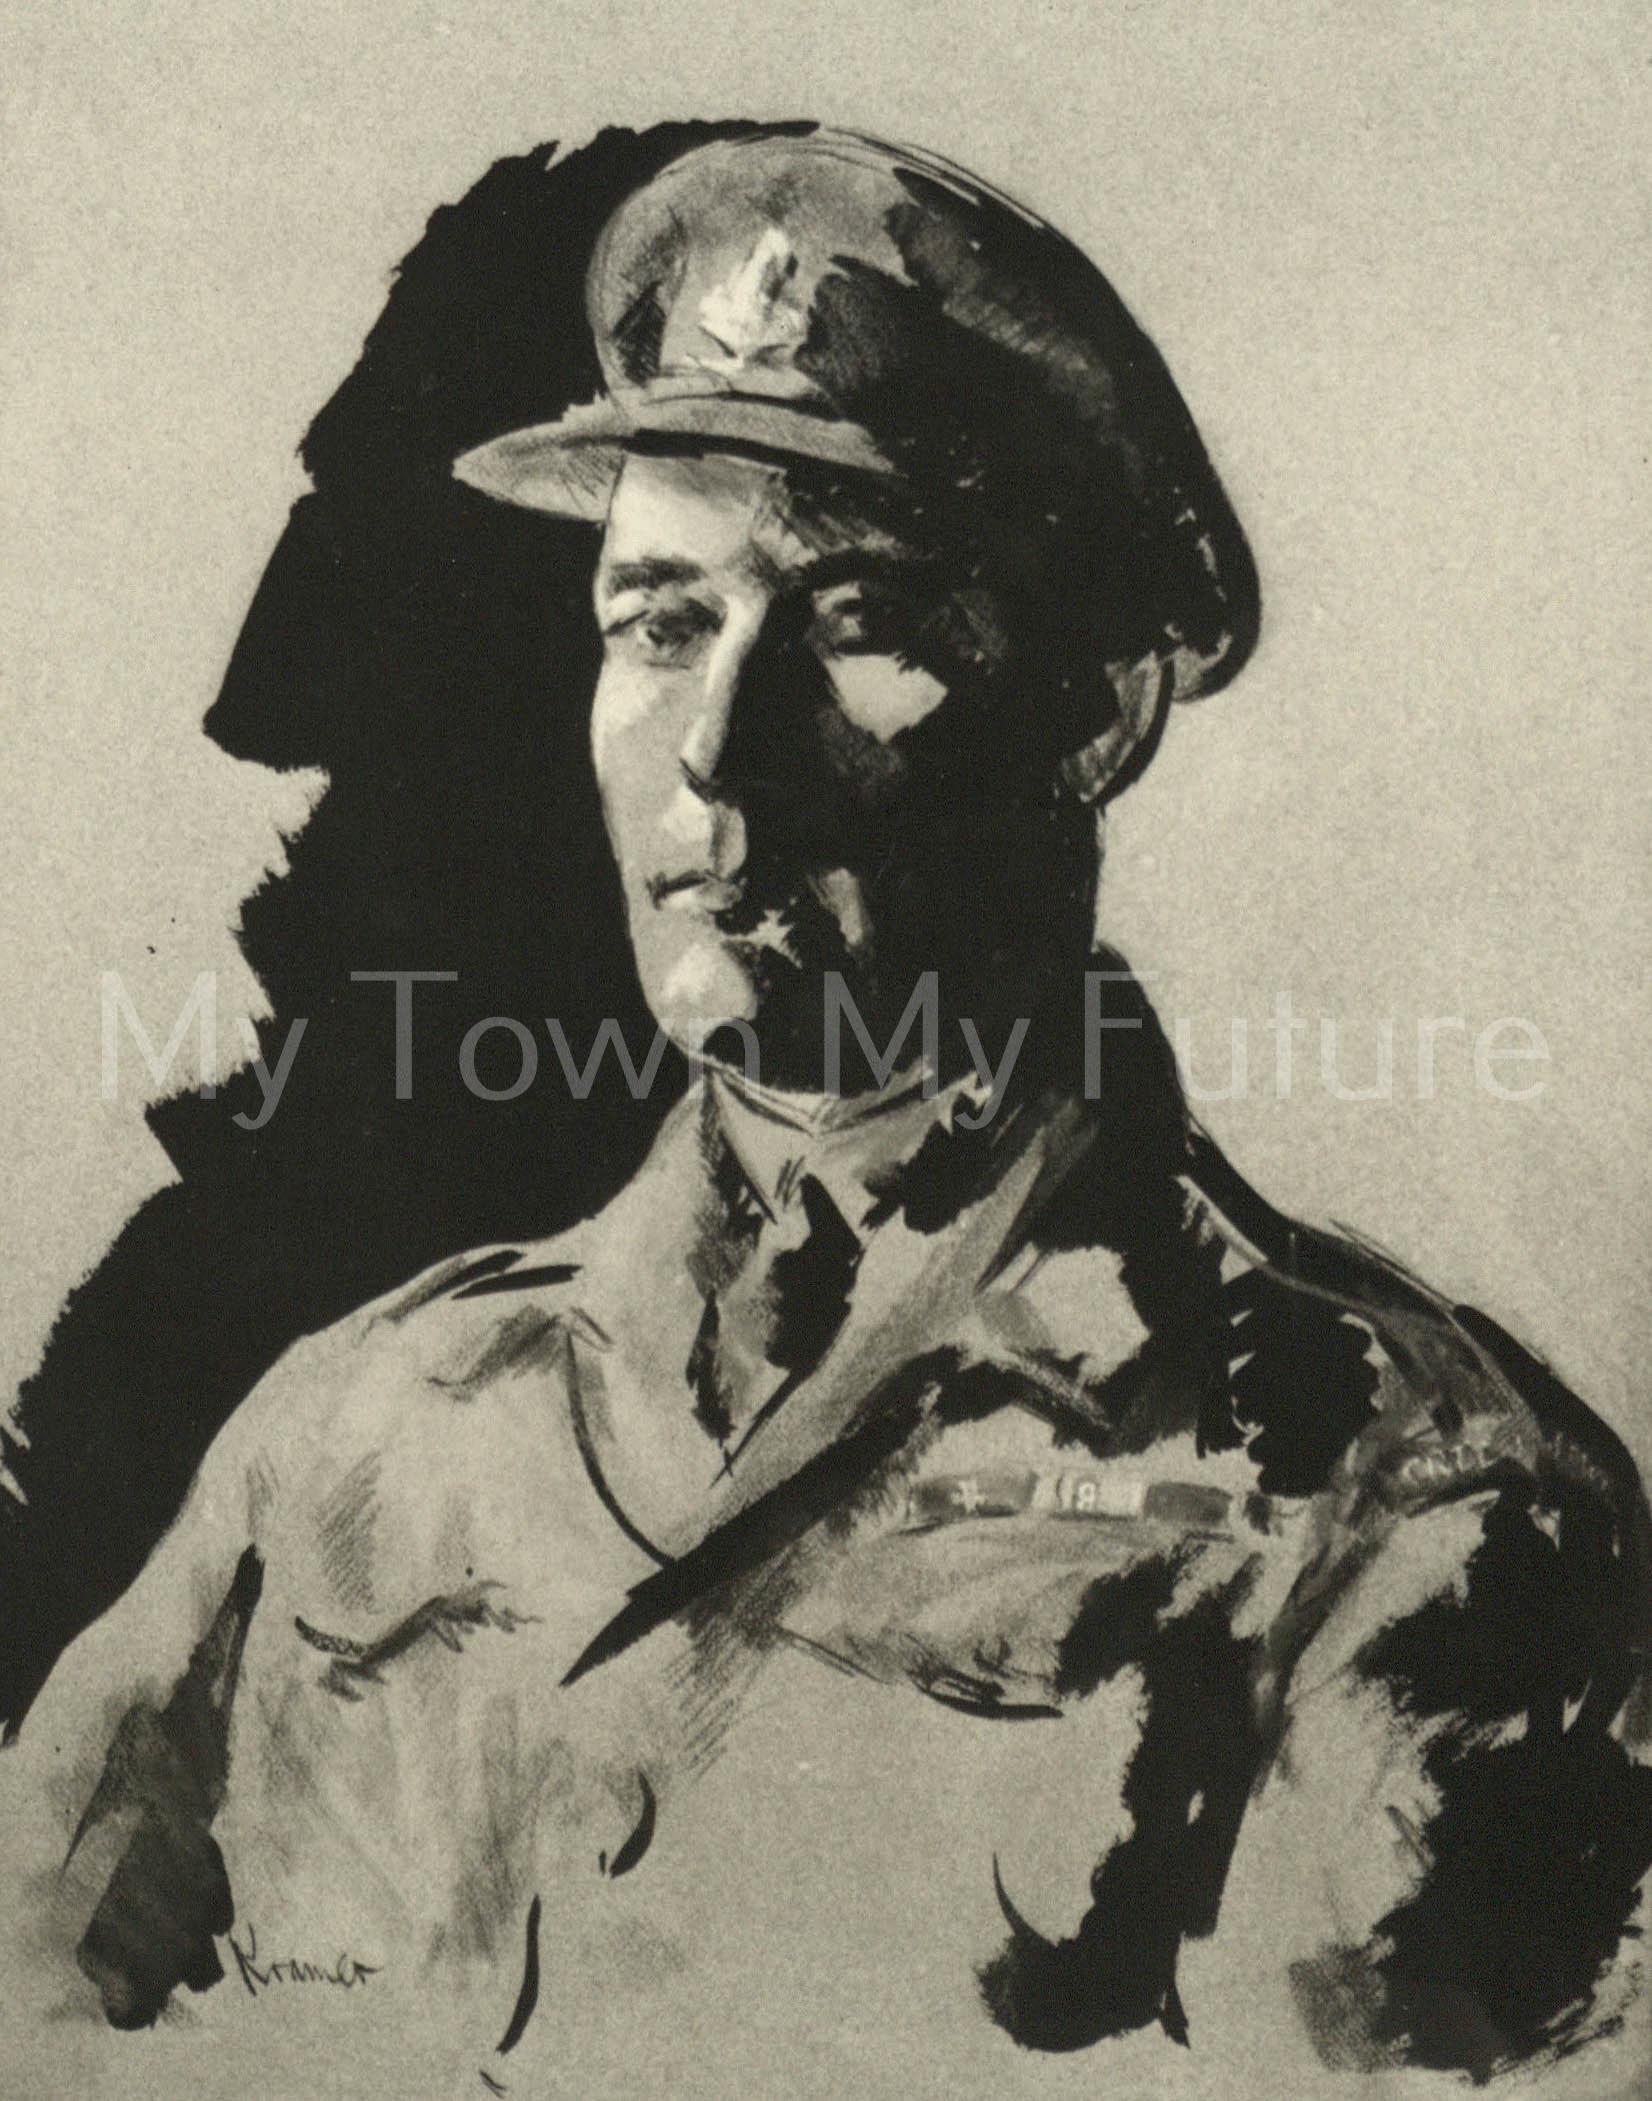 Sgt Major T.Hollis V.C.